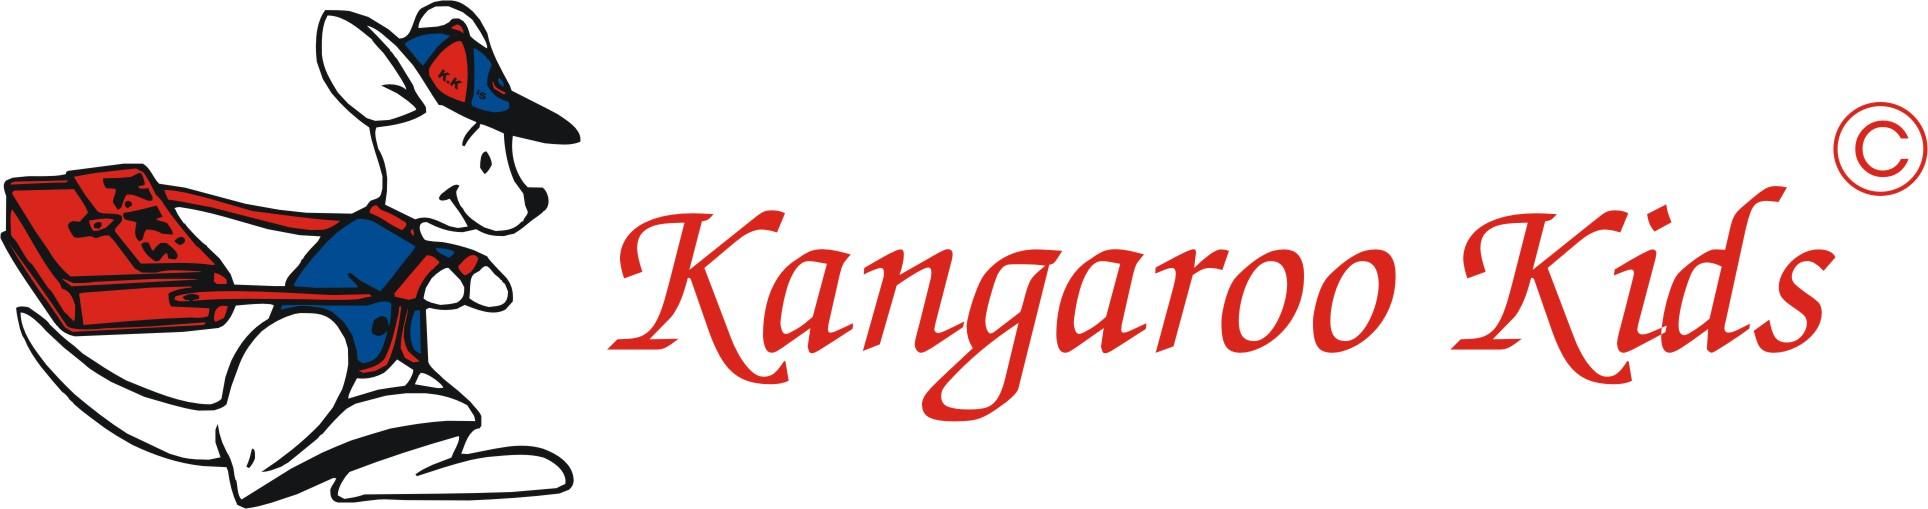 Kangaroo Kids - Goregaon - Mumbai Image